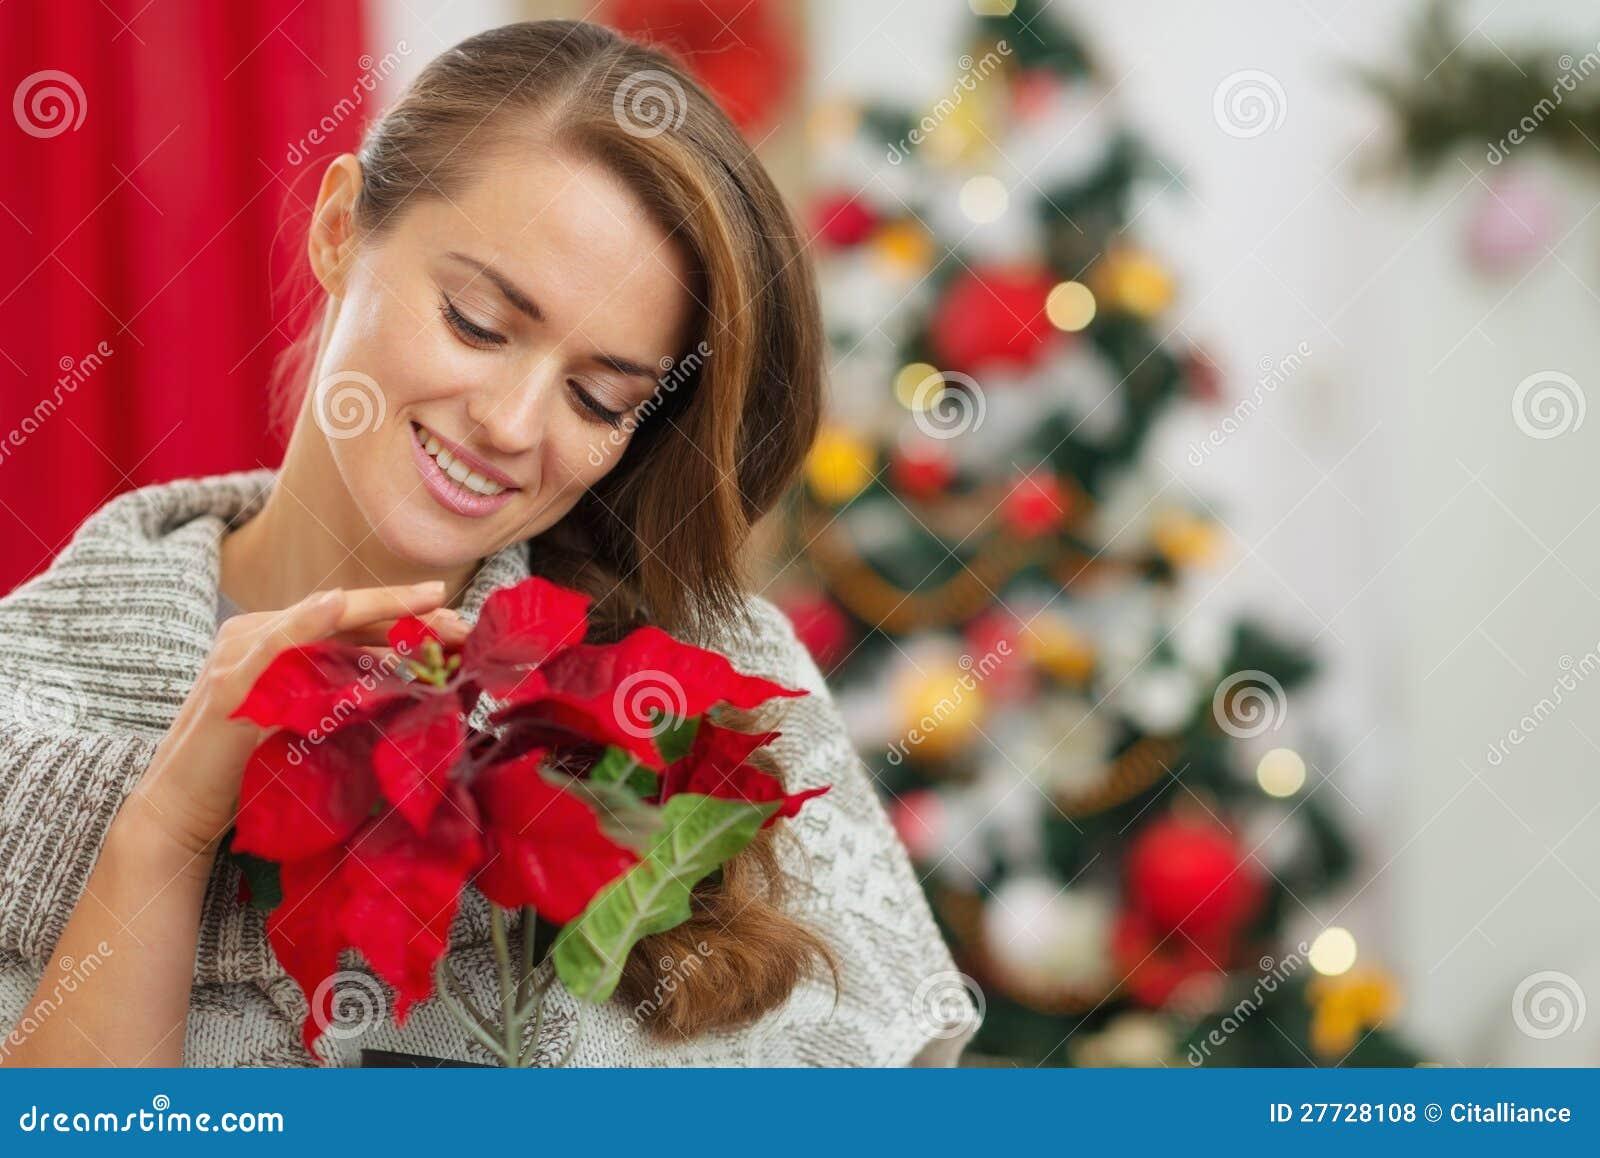 Frau nahe Weihnachtsbaum-Holding Weihnachten stieg